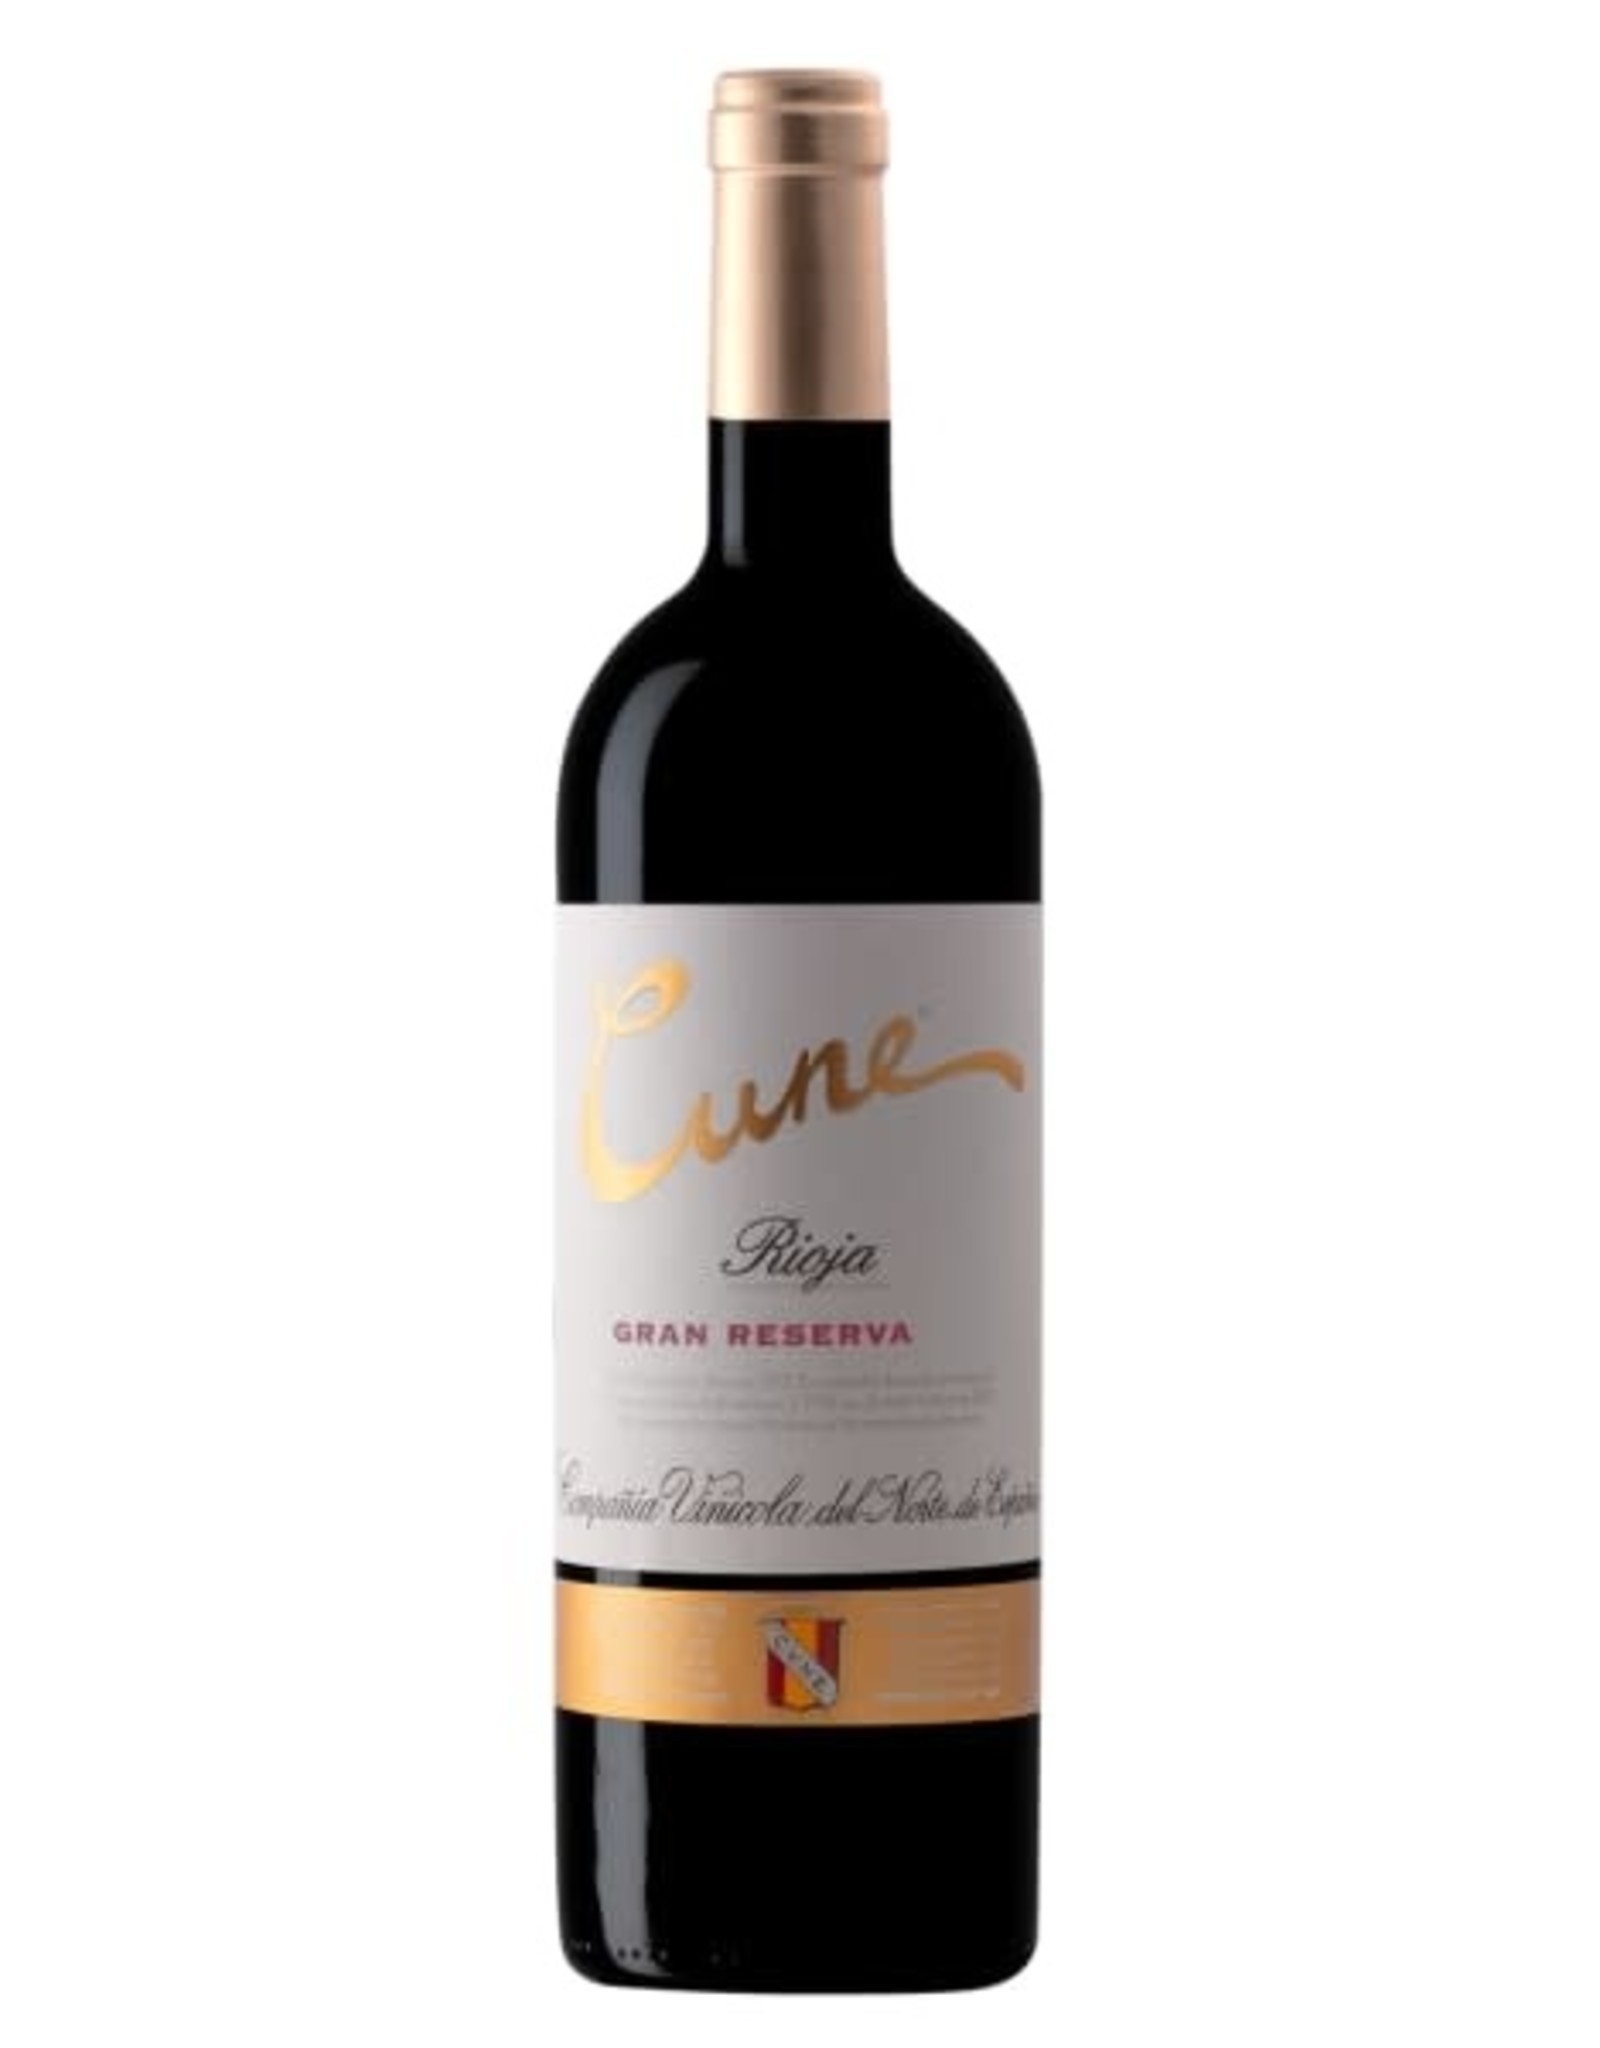 Cune Cune Rioja Gran Reserva 2013